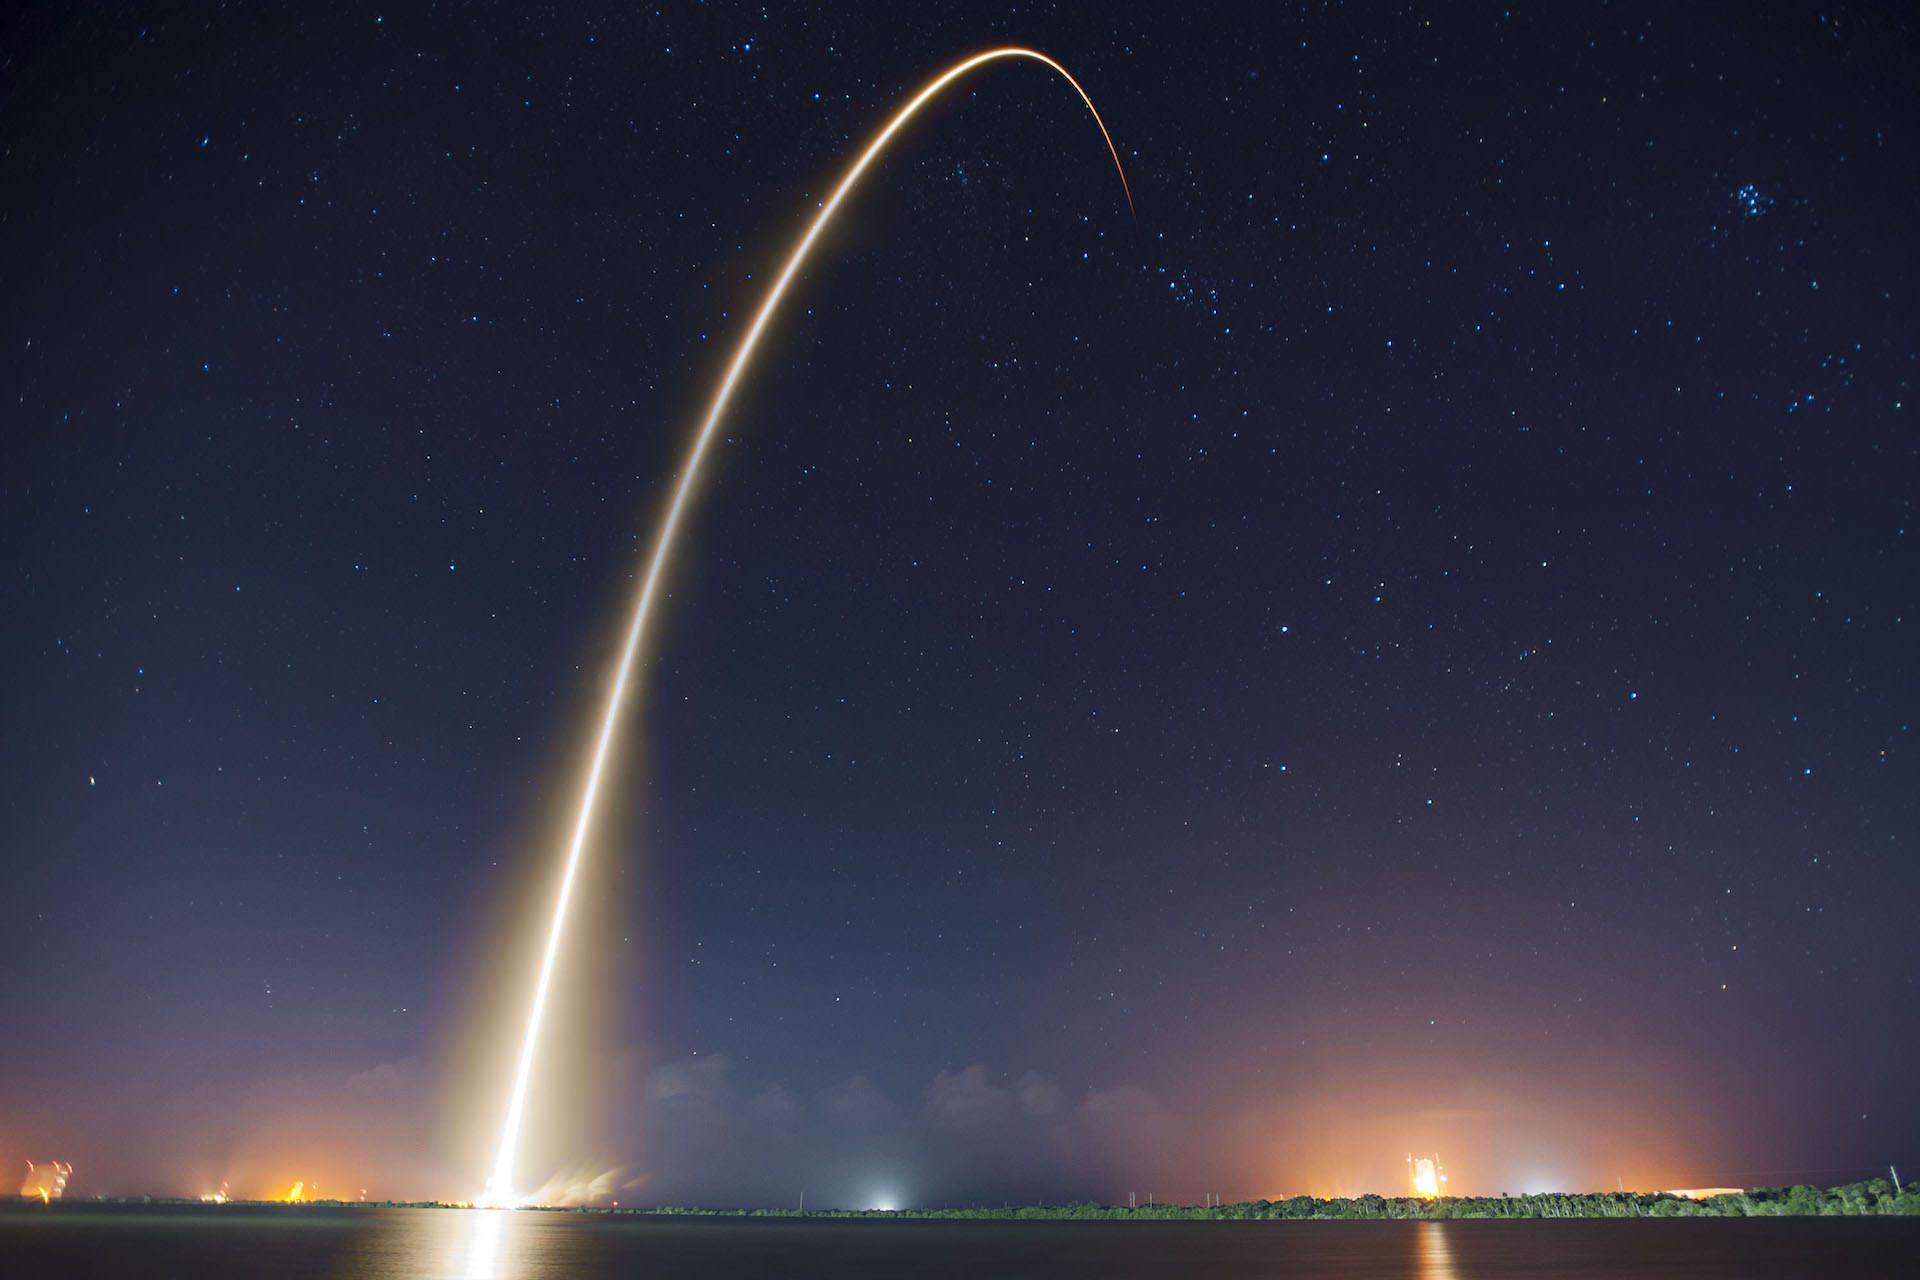 Мыс Канаверал, Космическая станция, НАСА, ракета, DT - Обои HD - Профессор falken.com